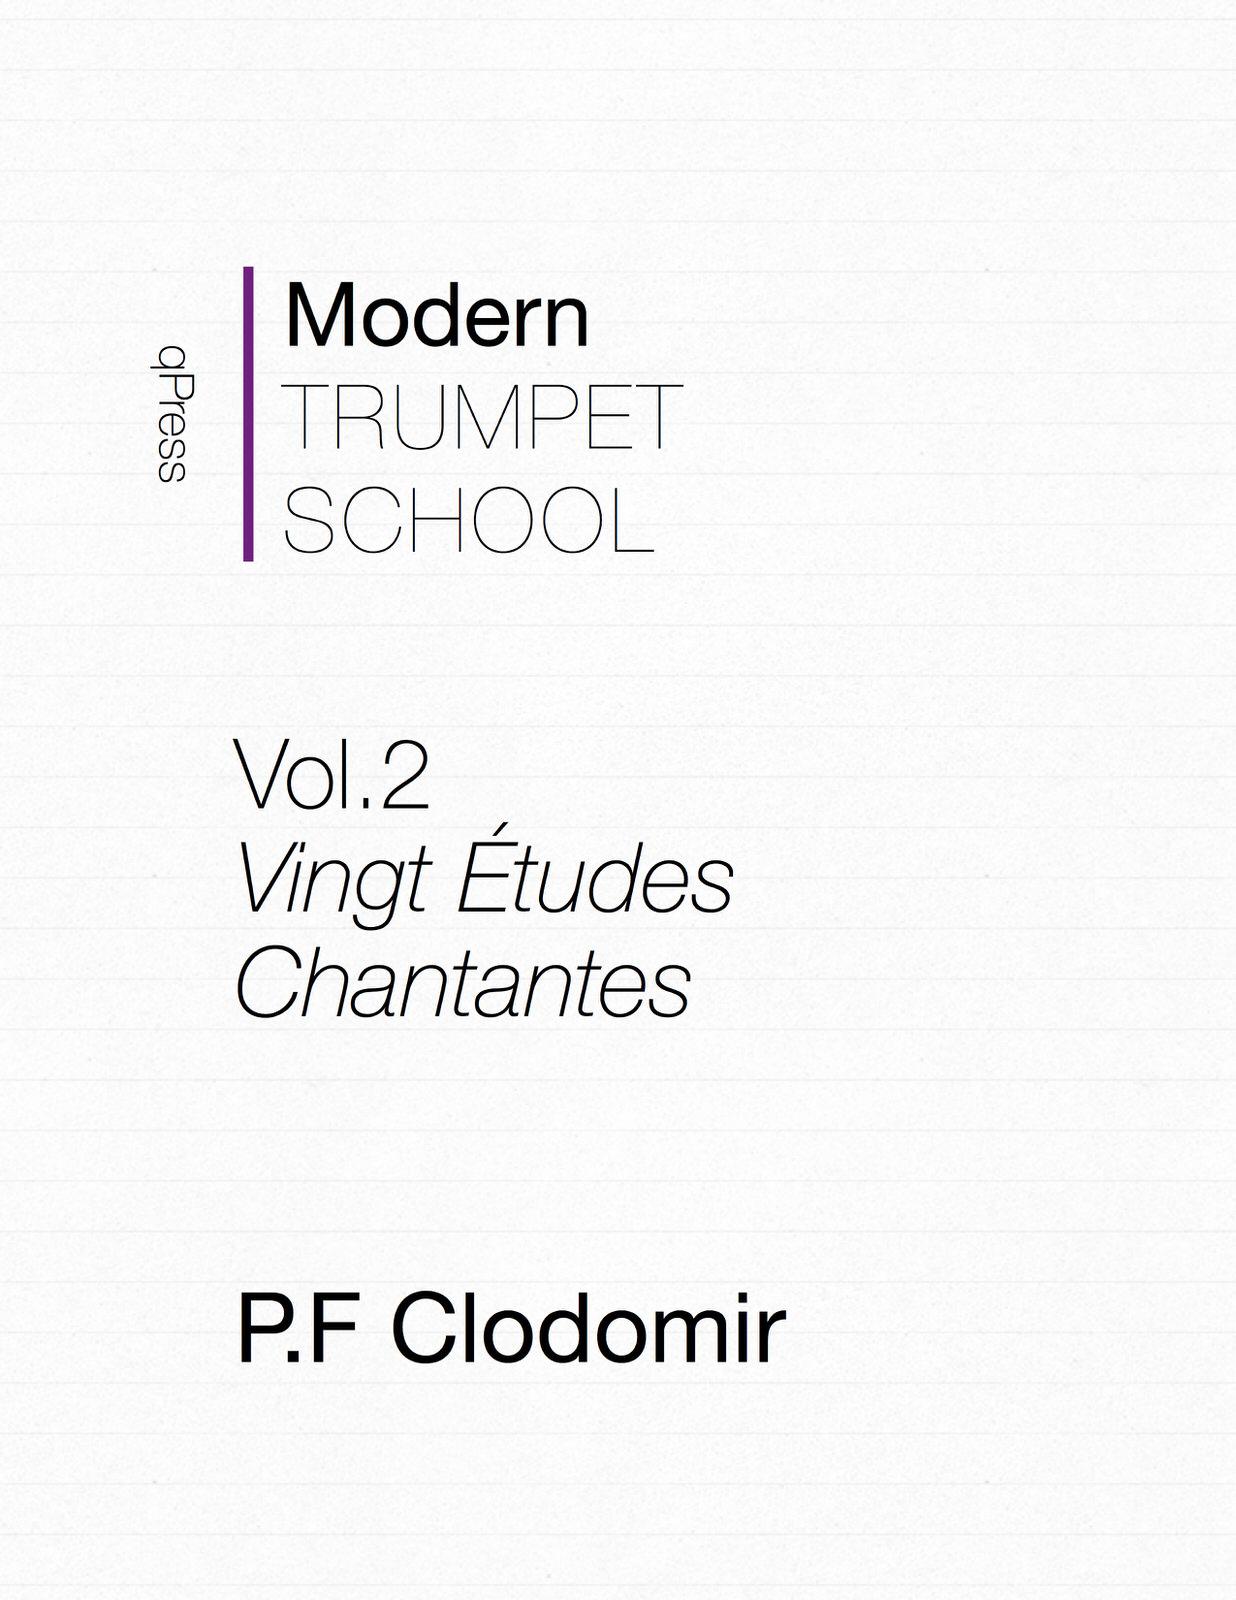 clodomir-vol-2-chantantes